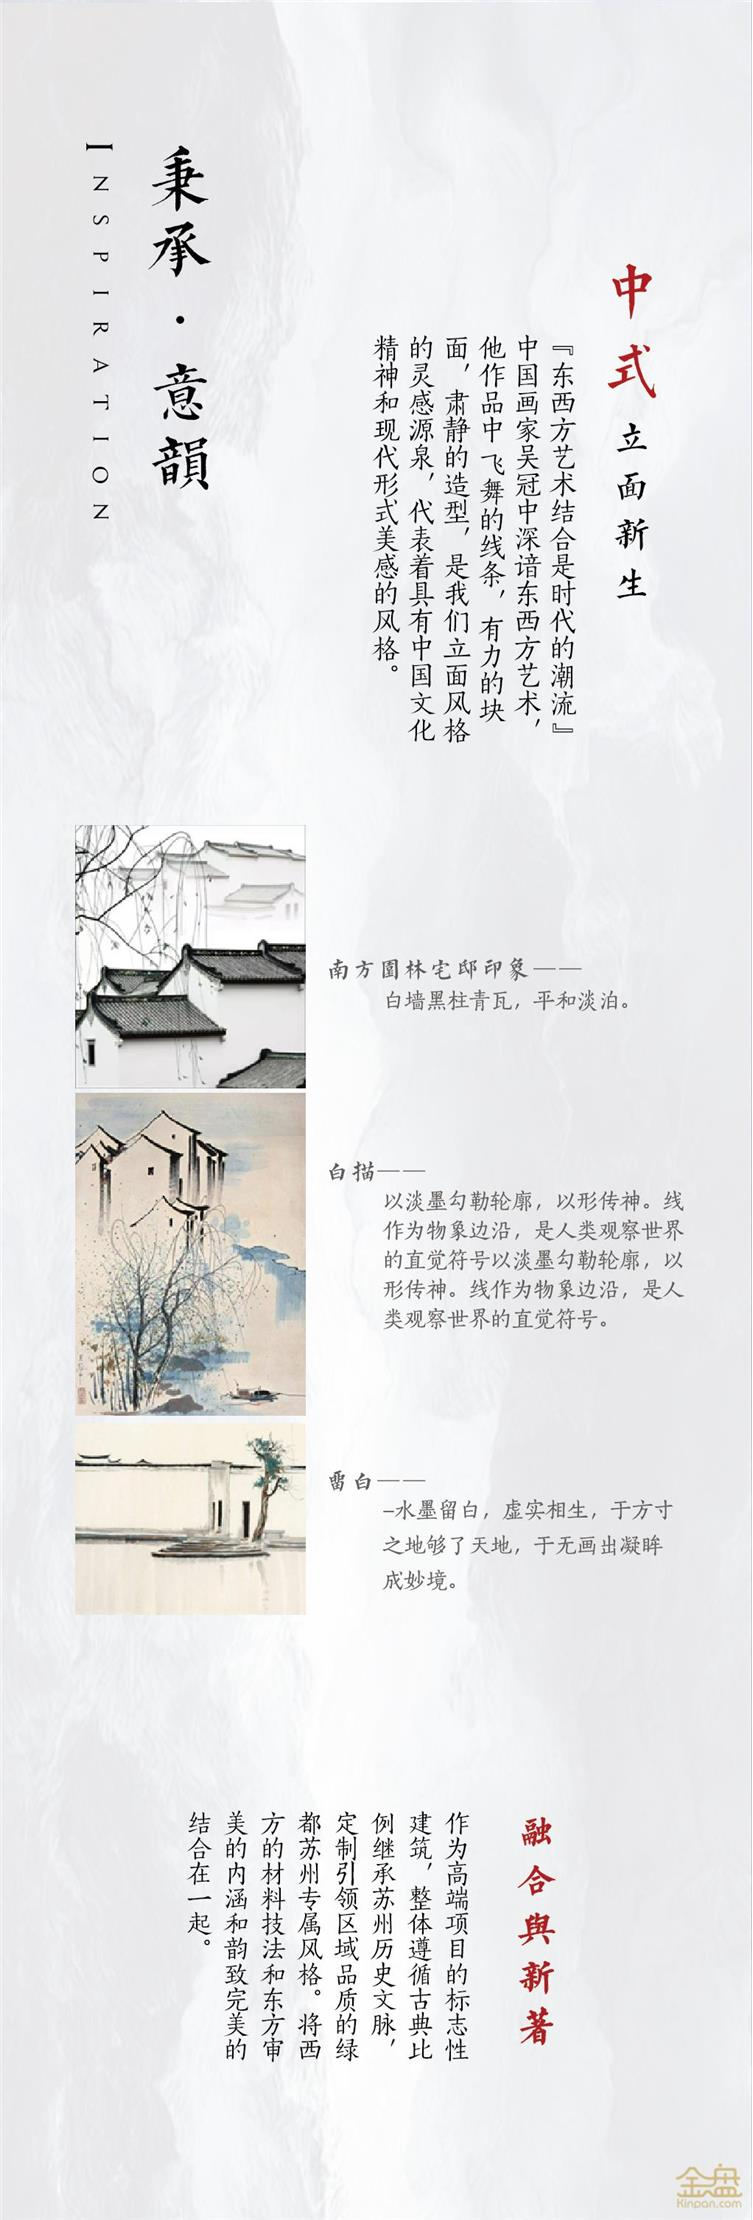 苏州绿都蘇和雅集金盘网-04.jpg